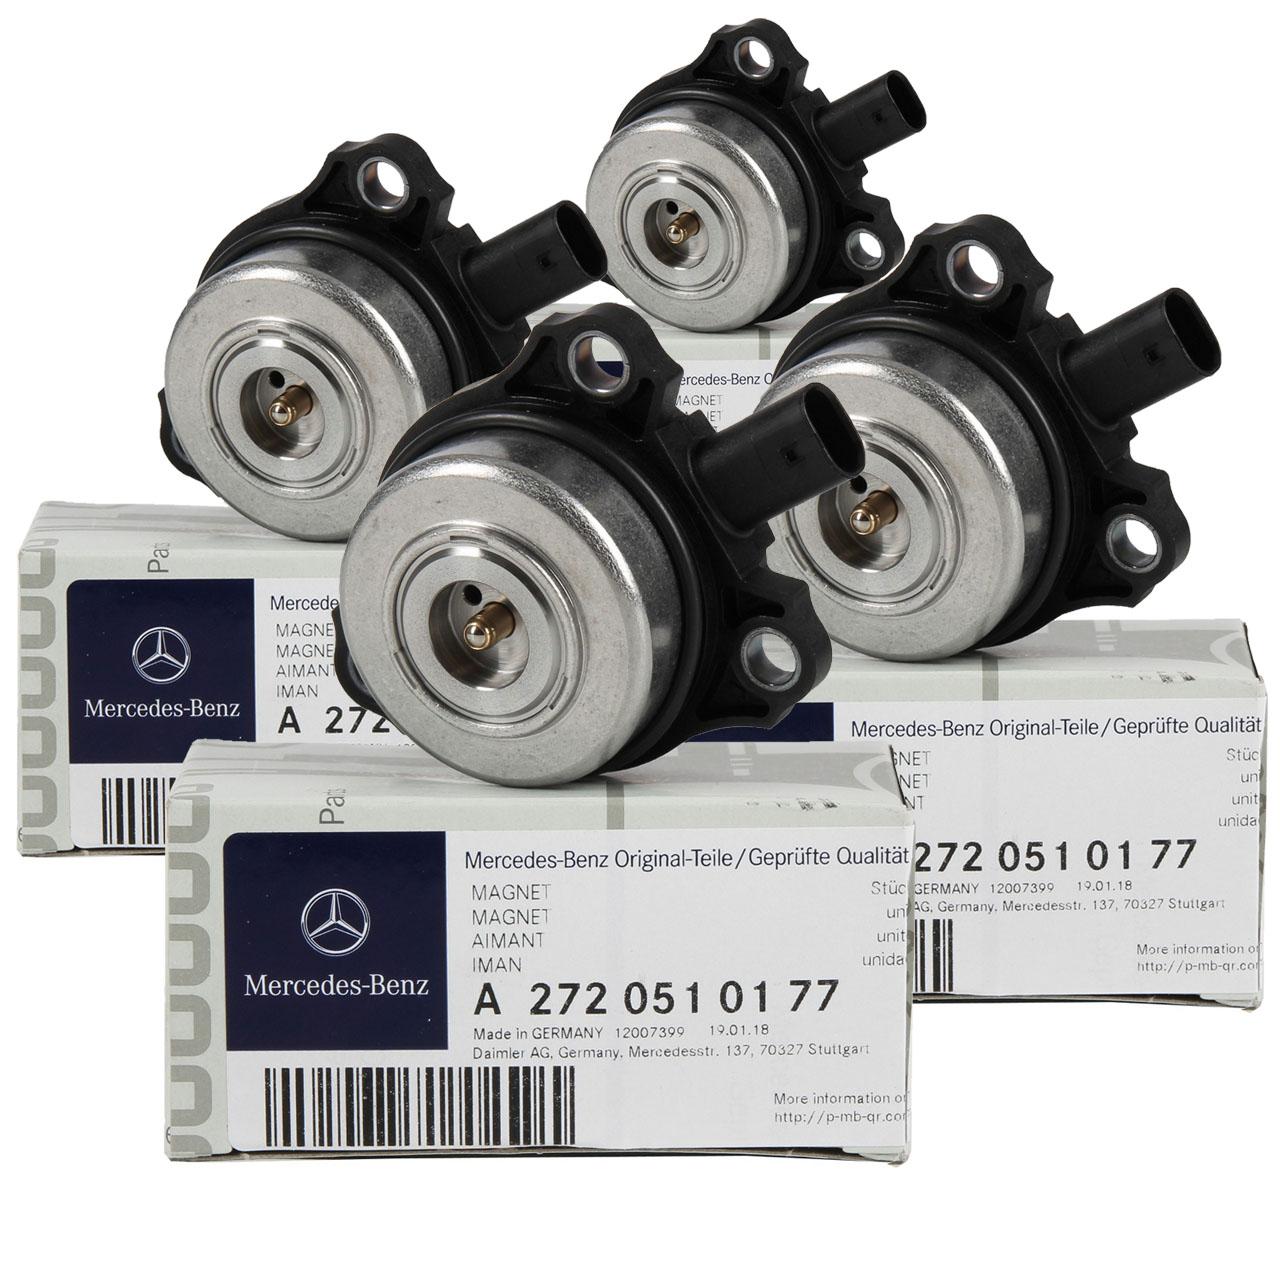 4x ORIGINAL Mercedes-Benz Zentralmagnet Nockenwellenversteller OM272 2720510177